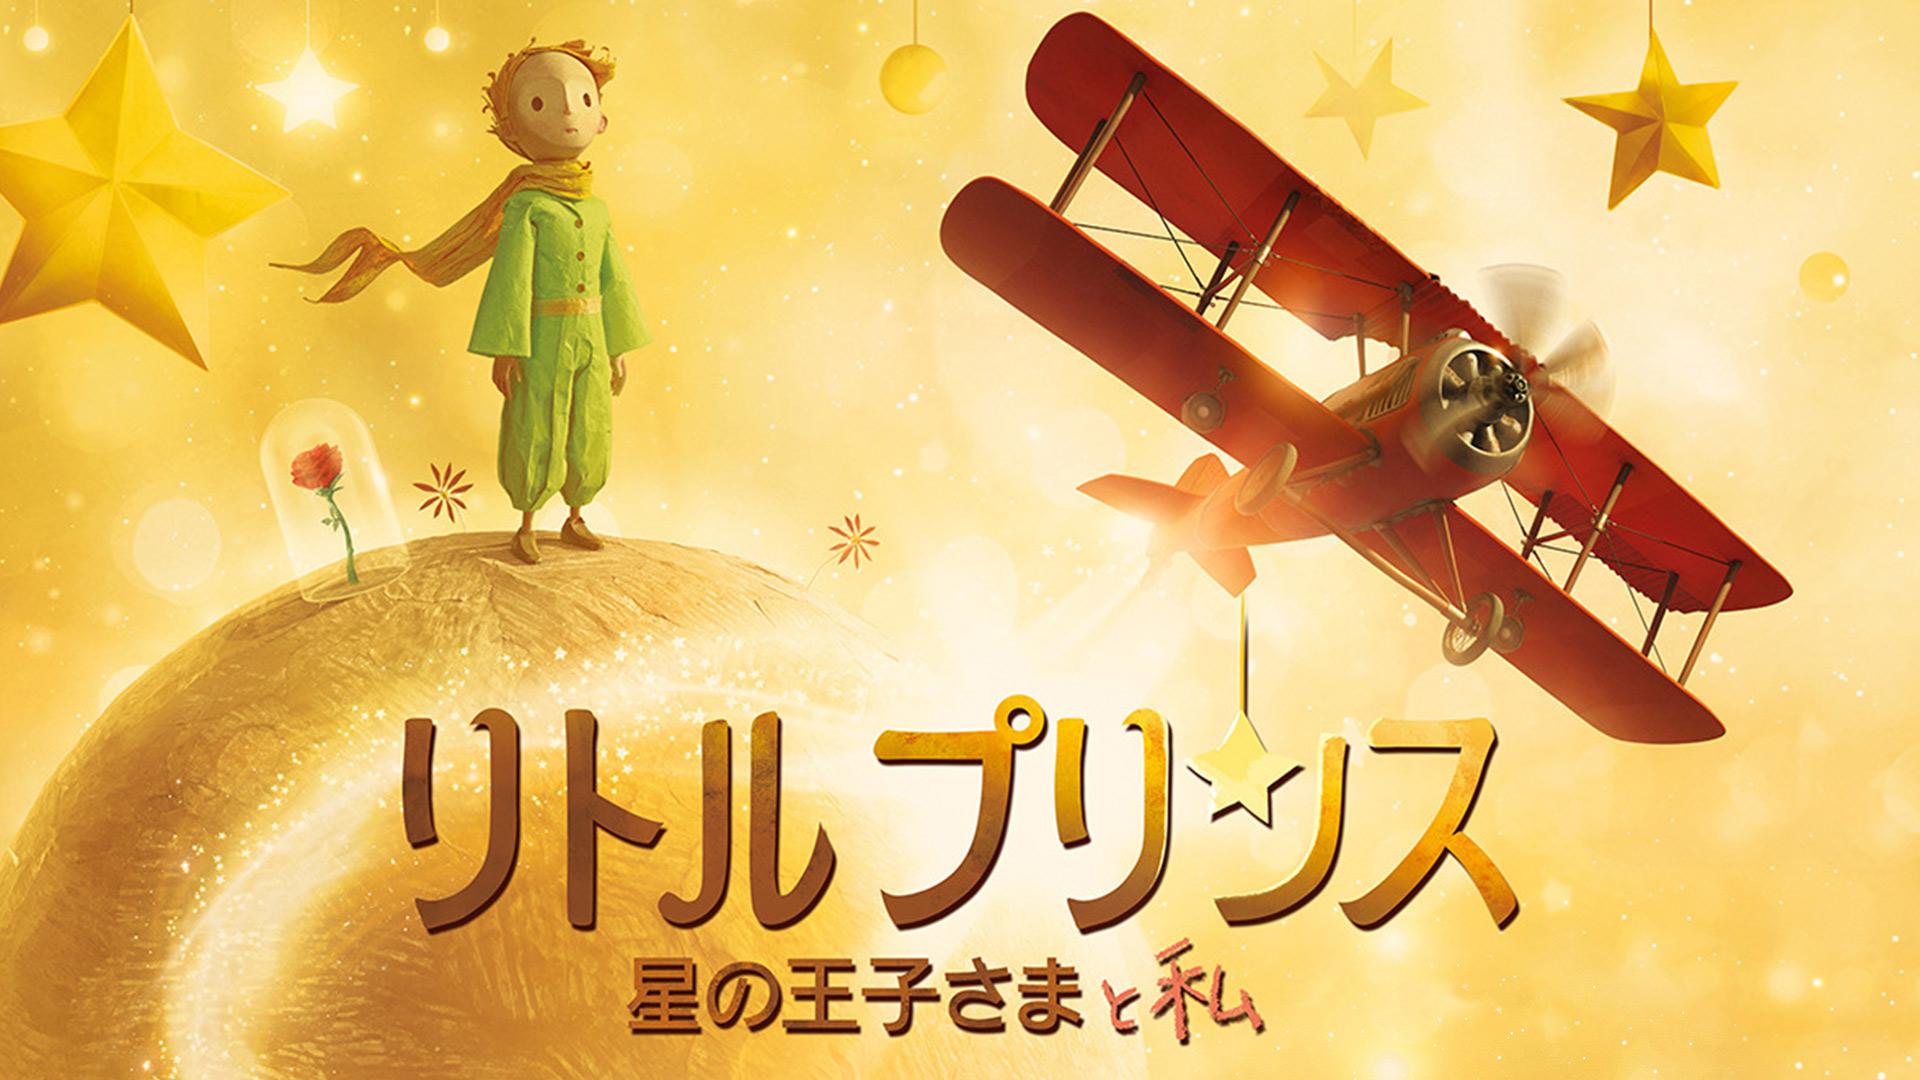 リトルプリンス 星の王子さまと私(字幕版)